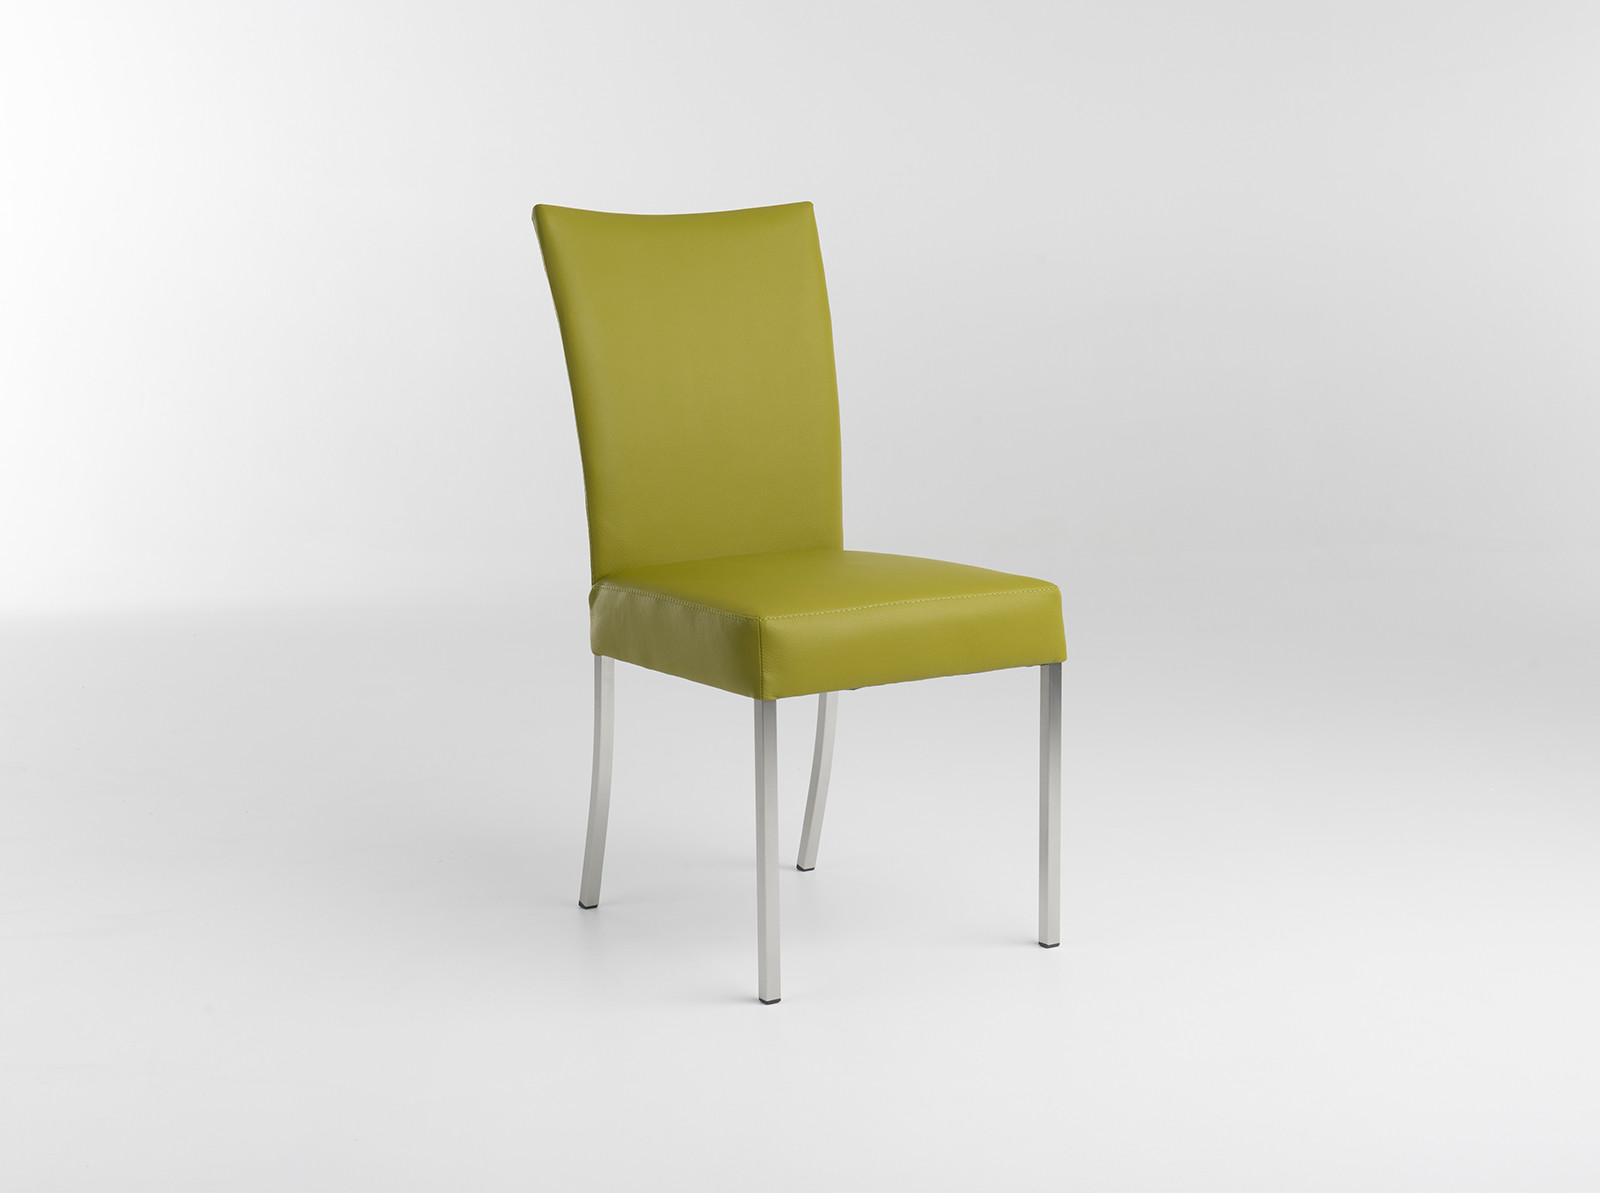 Stühle James von Bert Plantagie 04